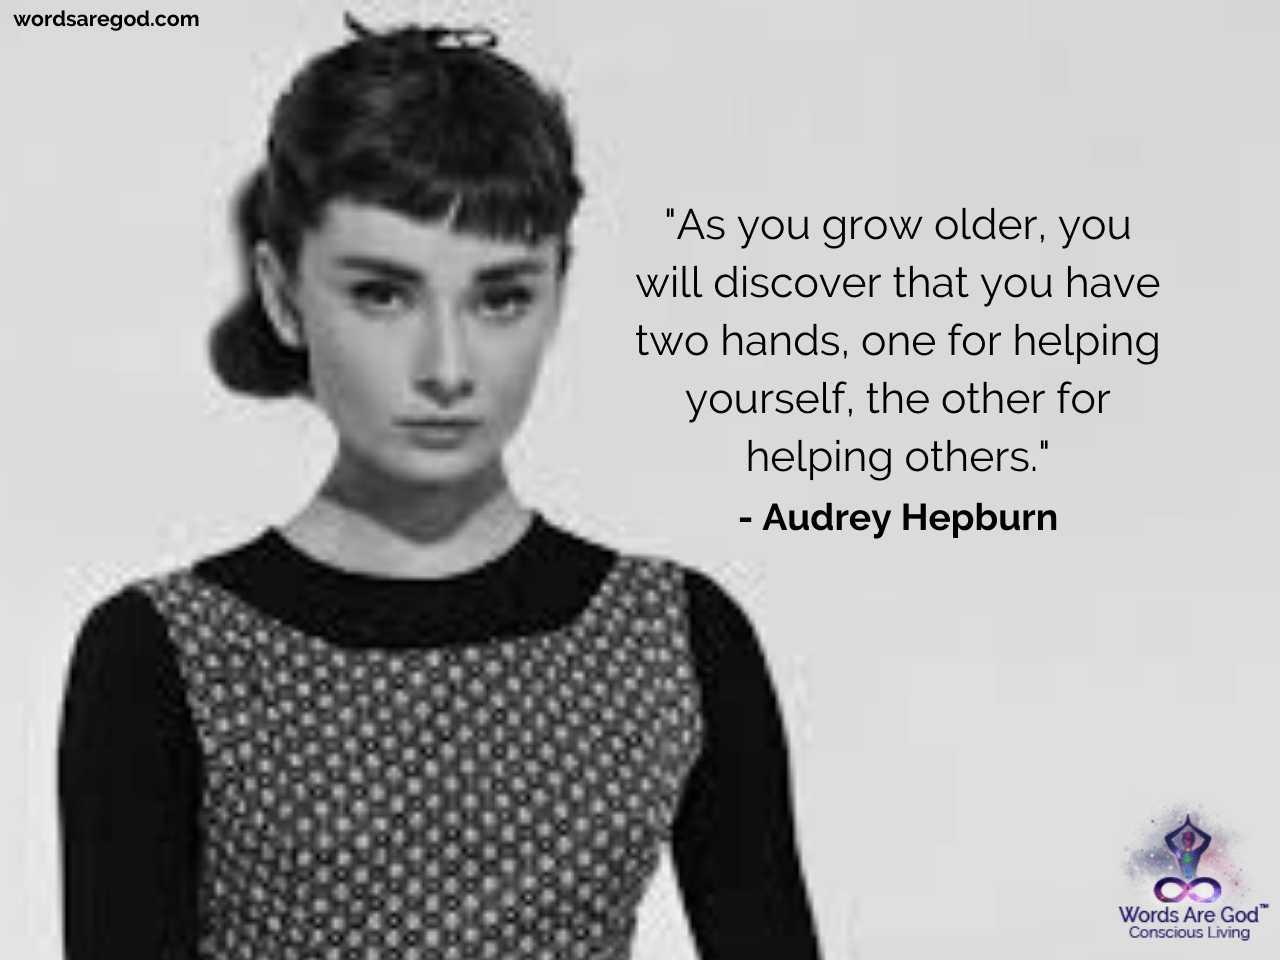 Audrey Hepburn Best Quotes by Audrey Hepburn